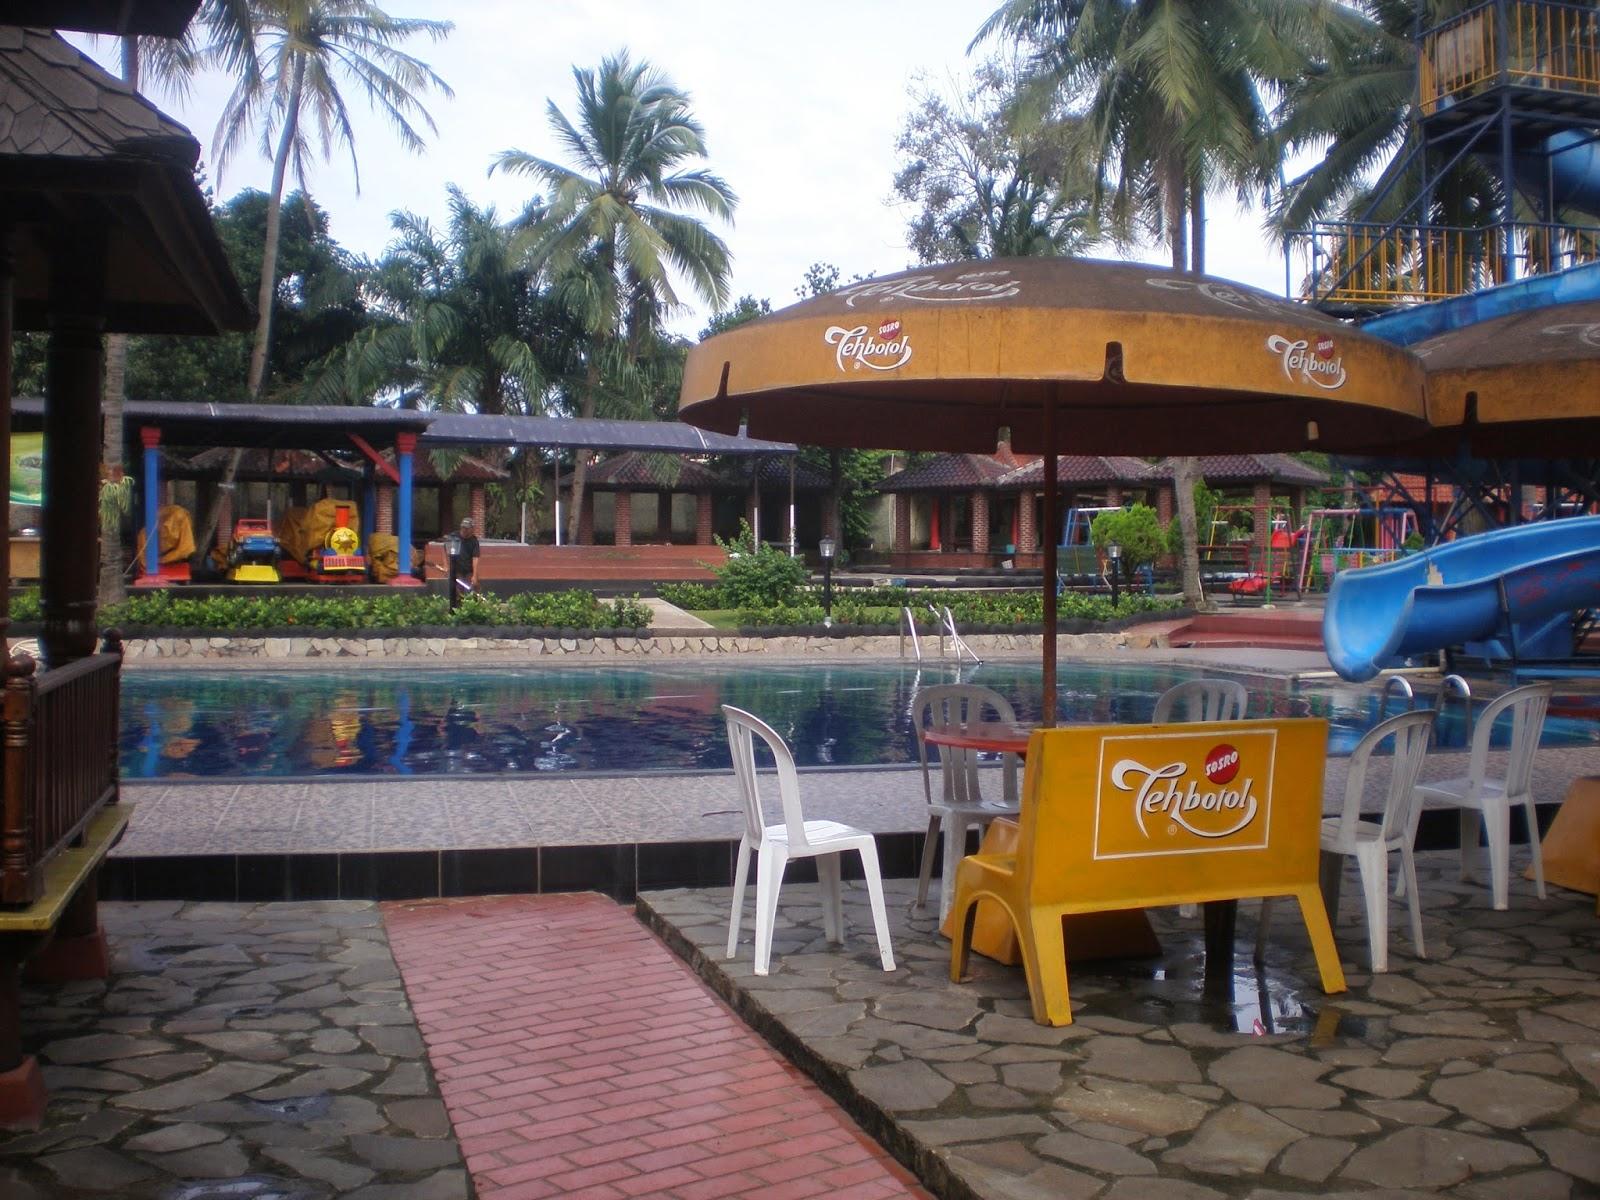 http://hendrasuhendra176.blogspot.com/2014/05/berenang-di-kolam-renang-situ-gintung.html